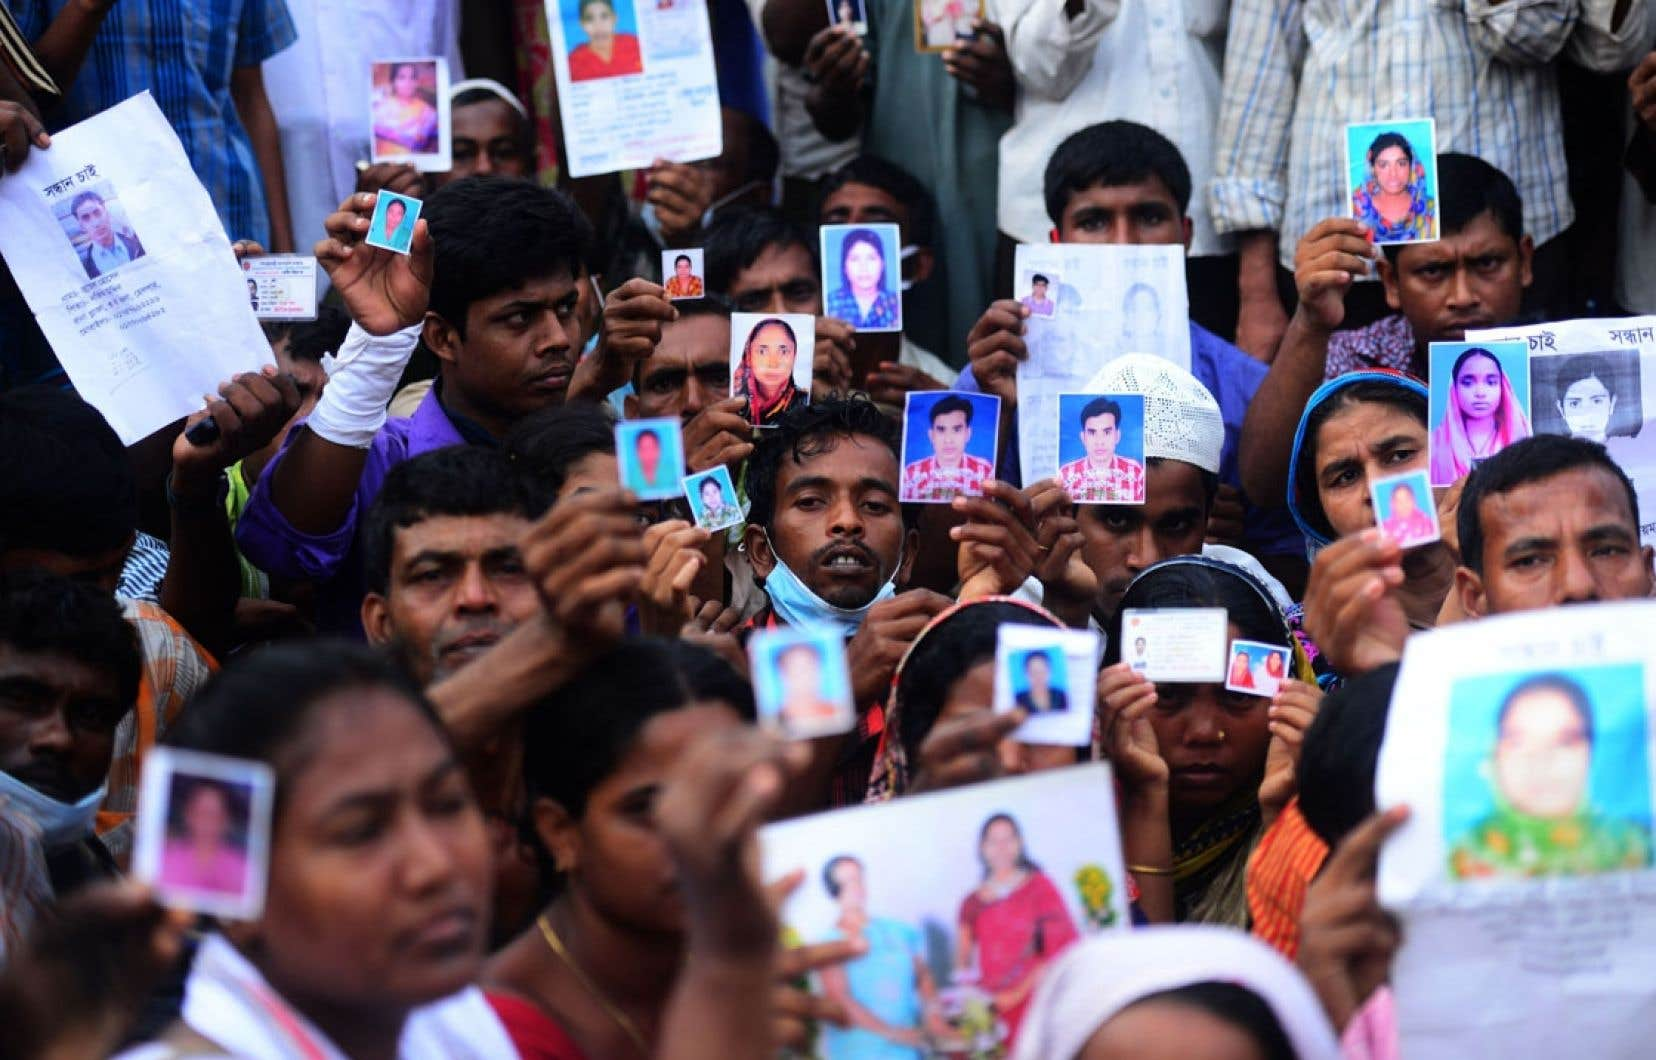 Famille et compagnons de misère tiennent dans leurs mains les photos des travailleurs disparus dans l'effondrement d'un immeuble contenant des « ateliers de misère » dans la banlieue de Dacca.